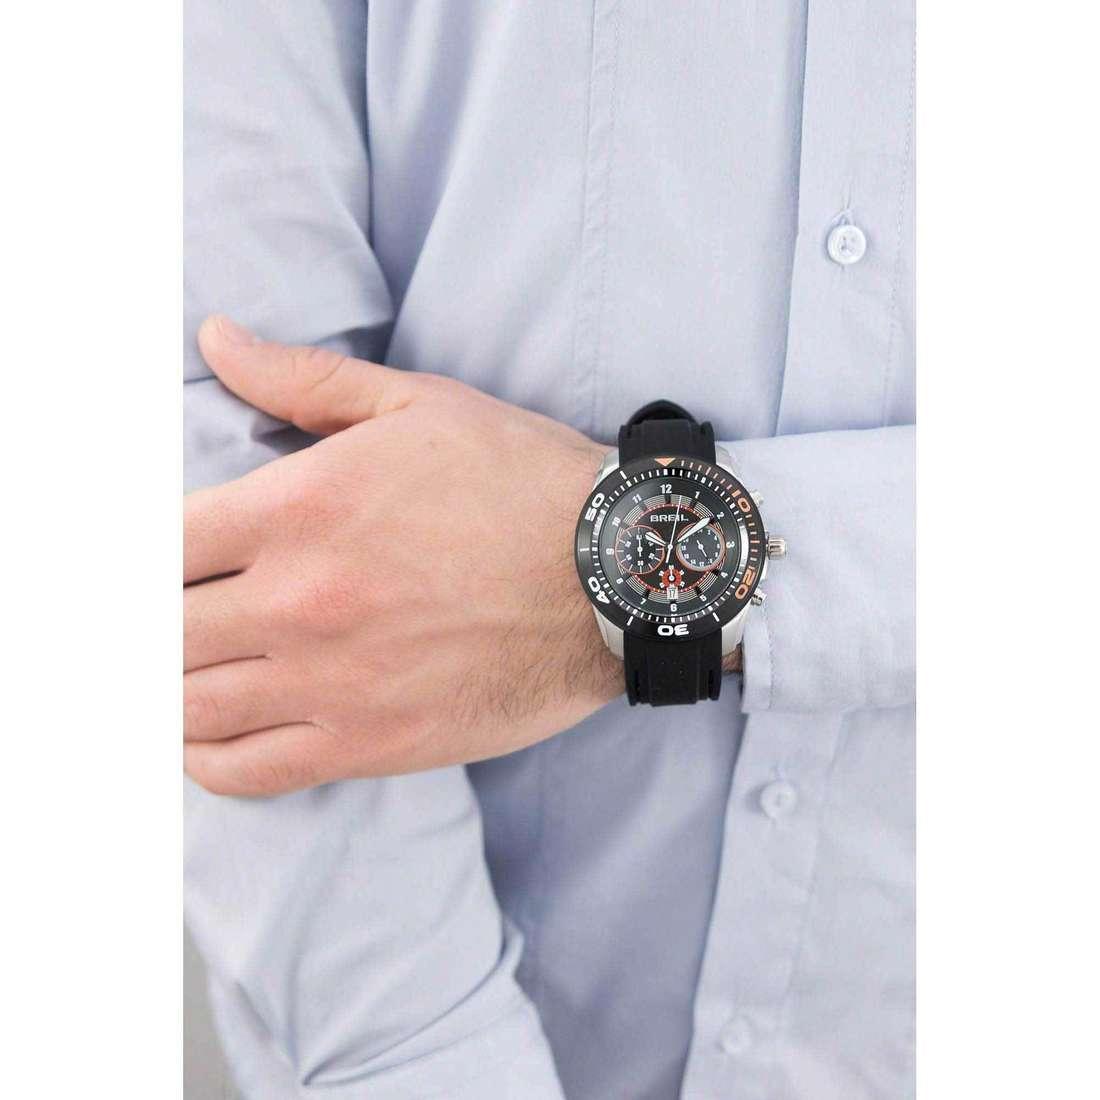 Breil cronografi Edge uomo TW1220 indosso